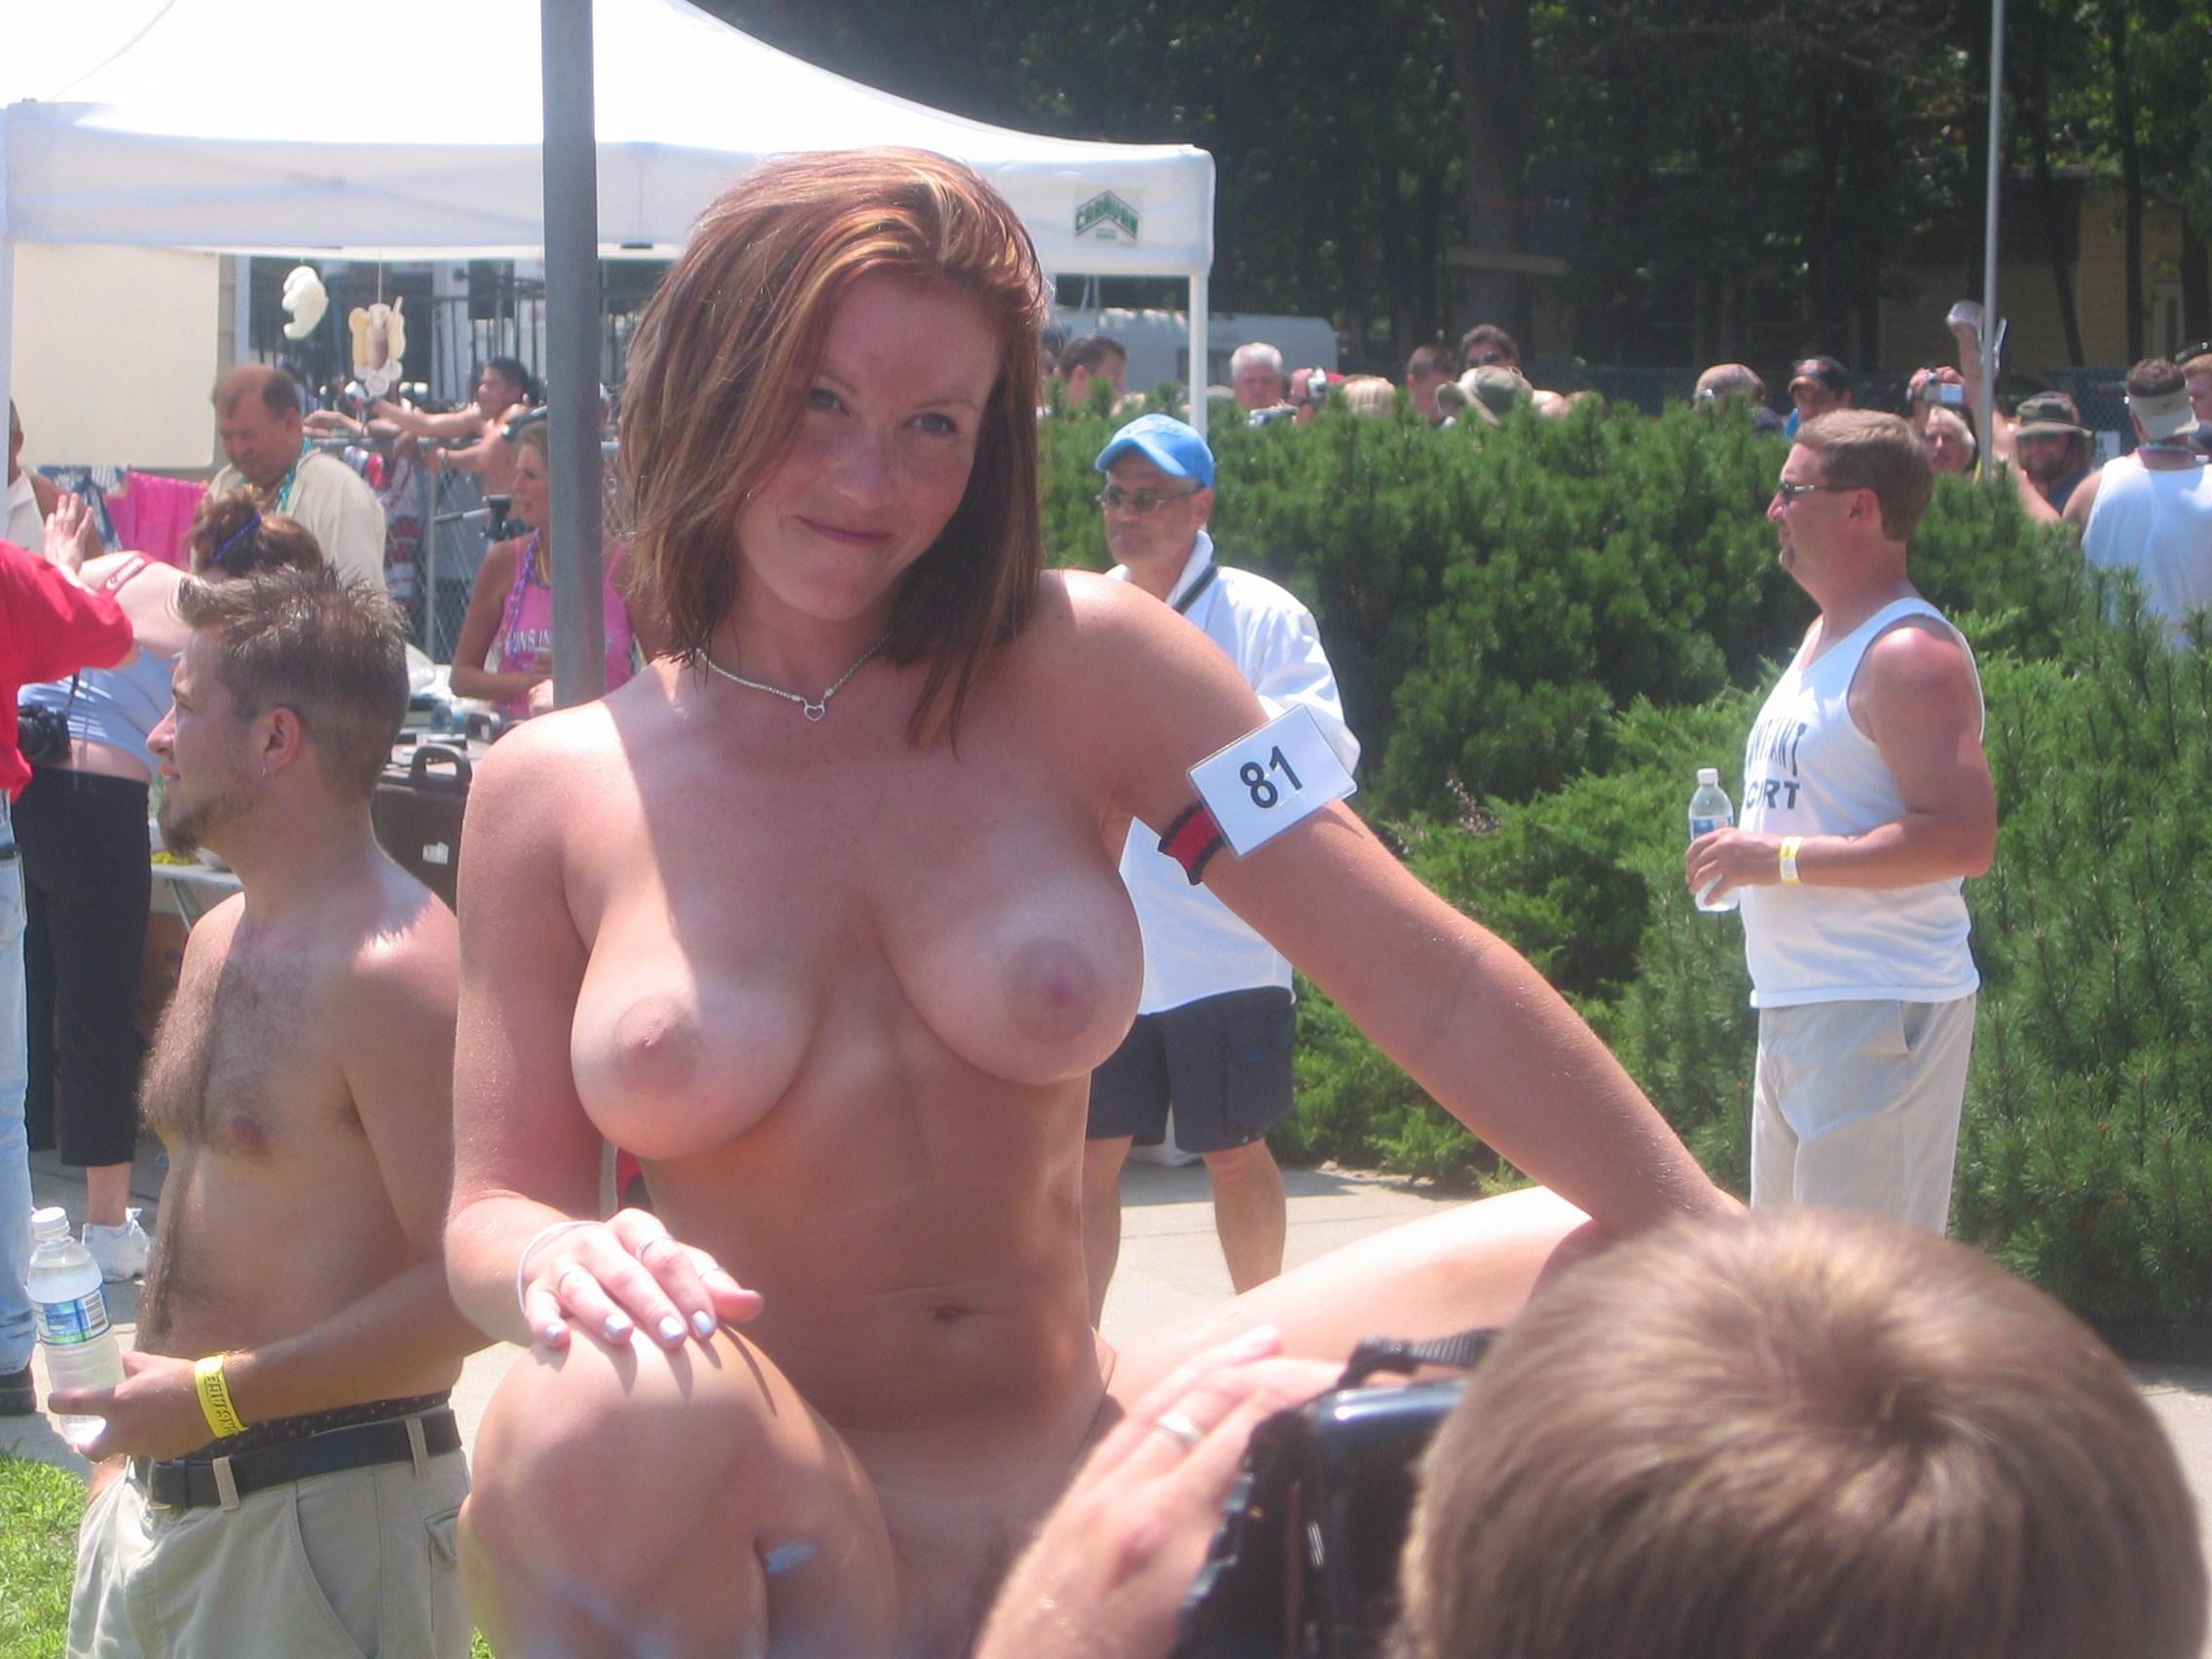 海外の全裸ミスコンがガチで抜けるレベルなんだが。(画像27枚)・14枚目